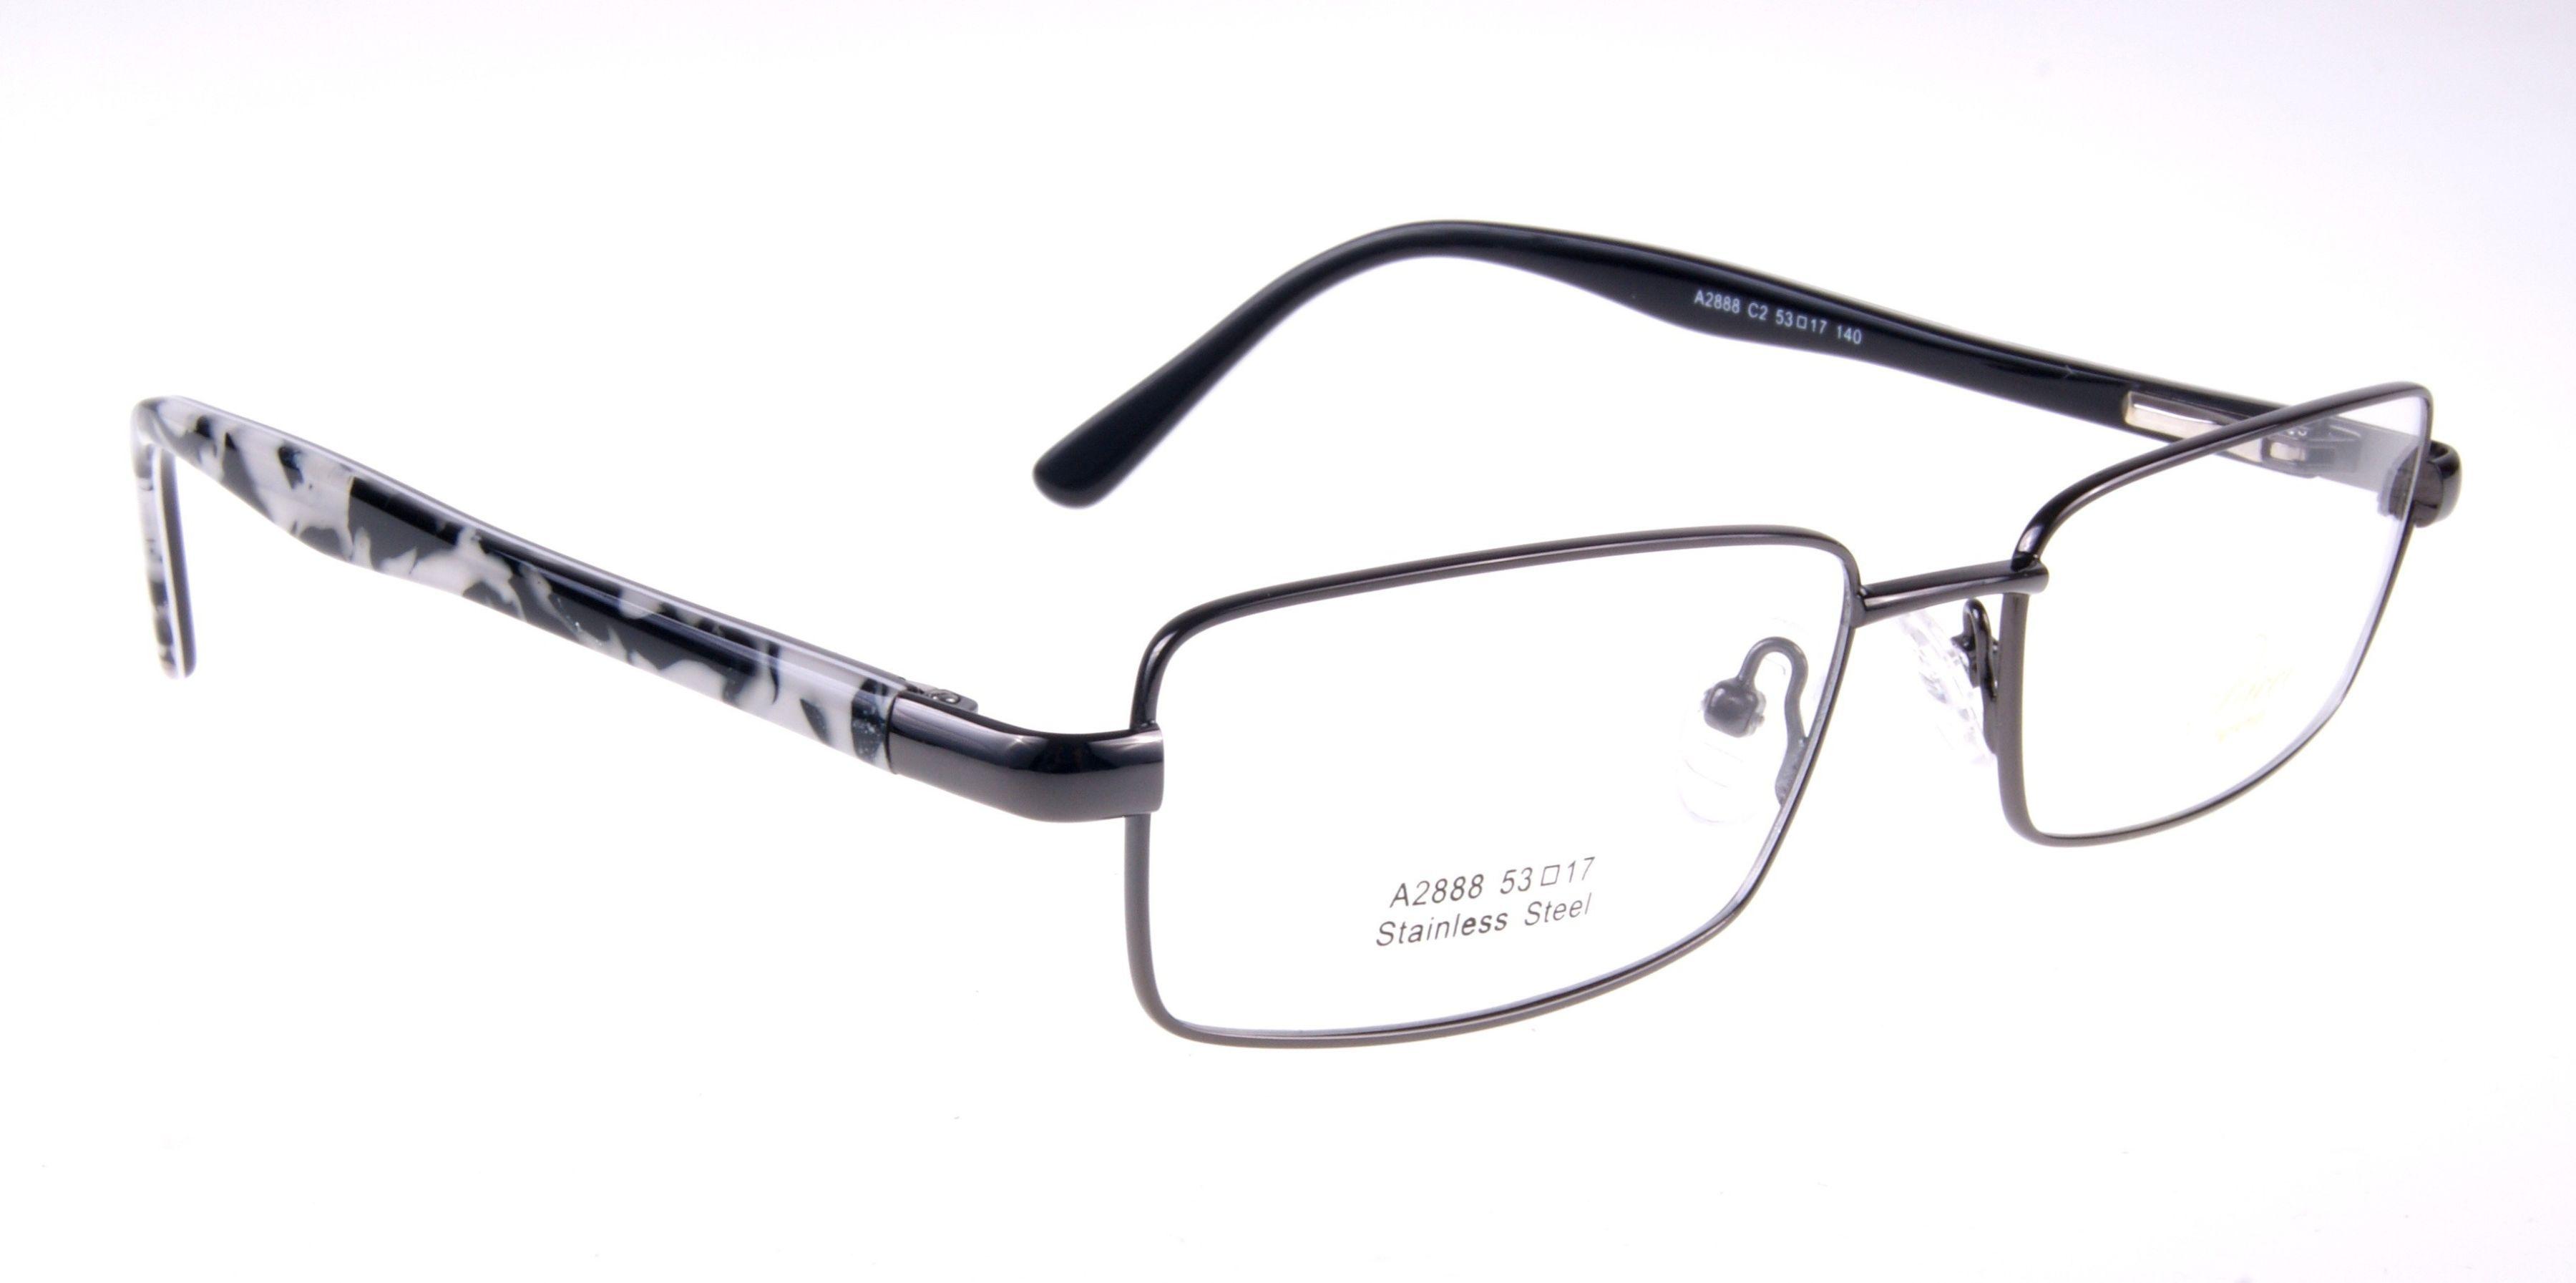 Oprawki okularowe Ricco A2888 c2 - gun